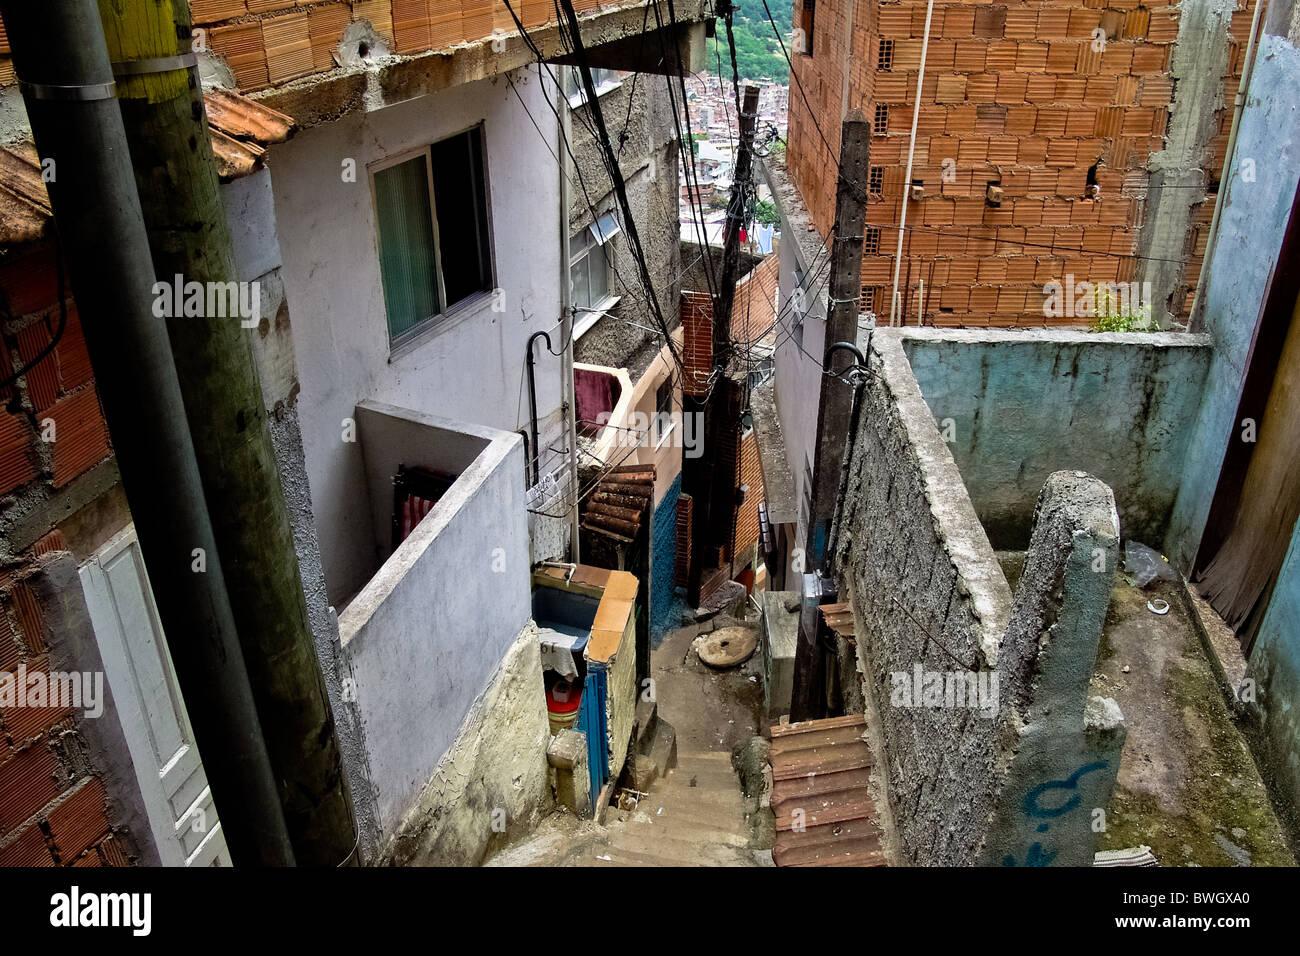 A narrow steep backstreet in Rocinha, the largest slum in Rio de Janeiro. - Stock Image